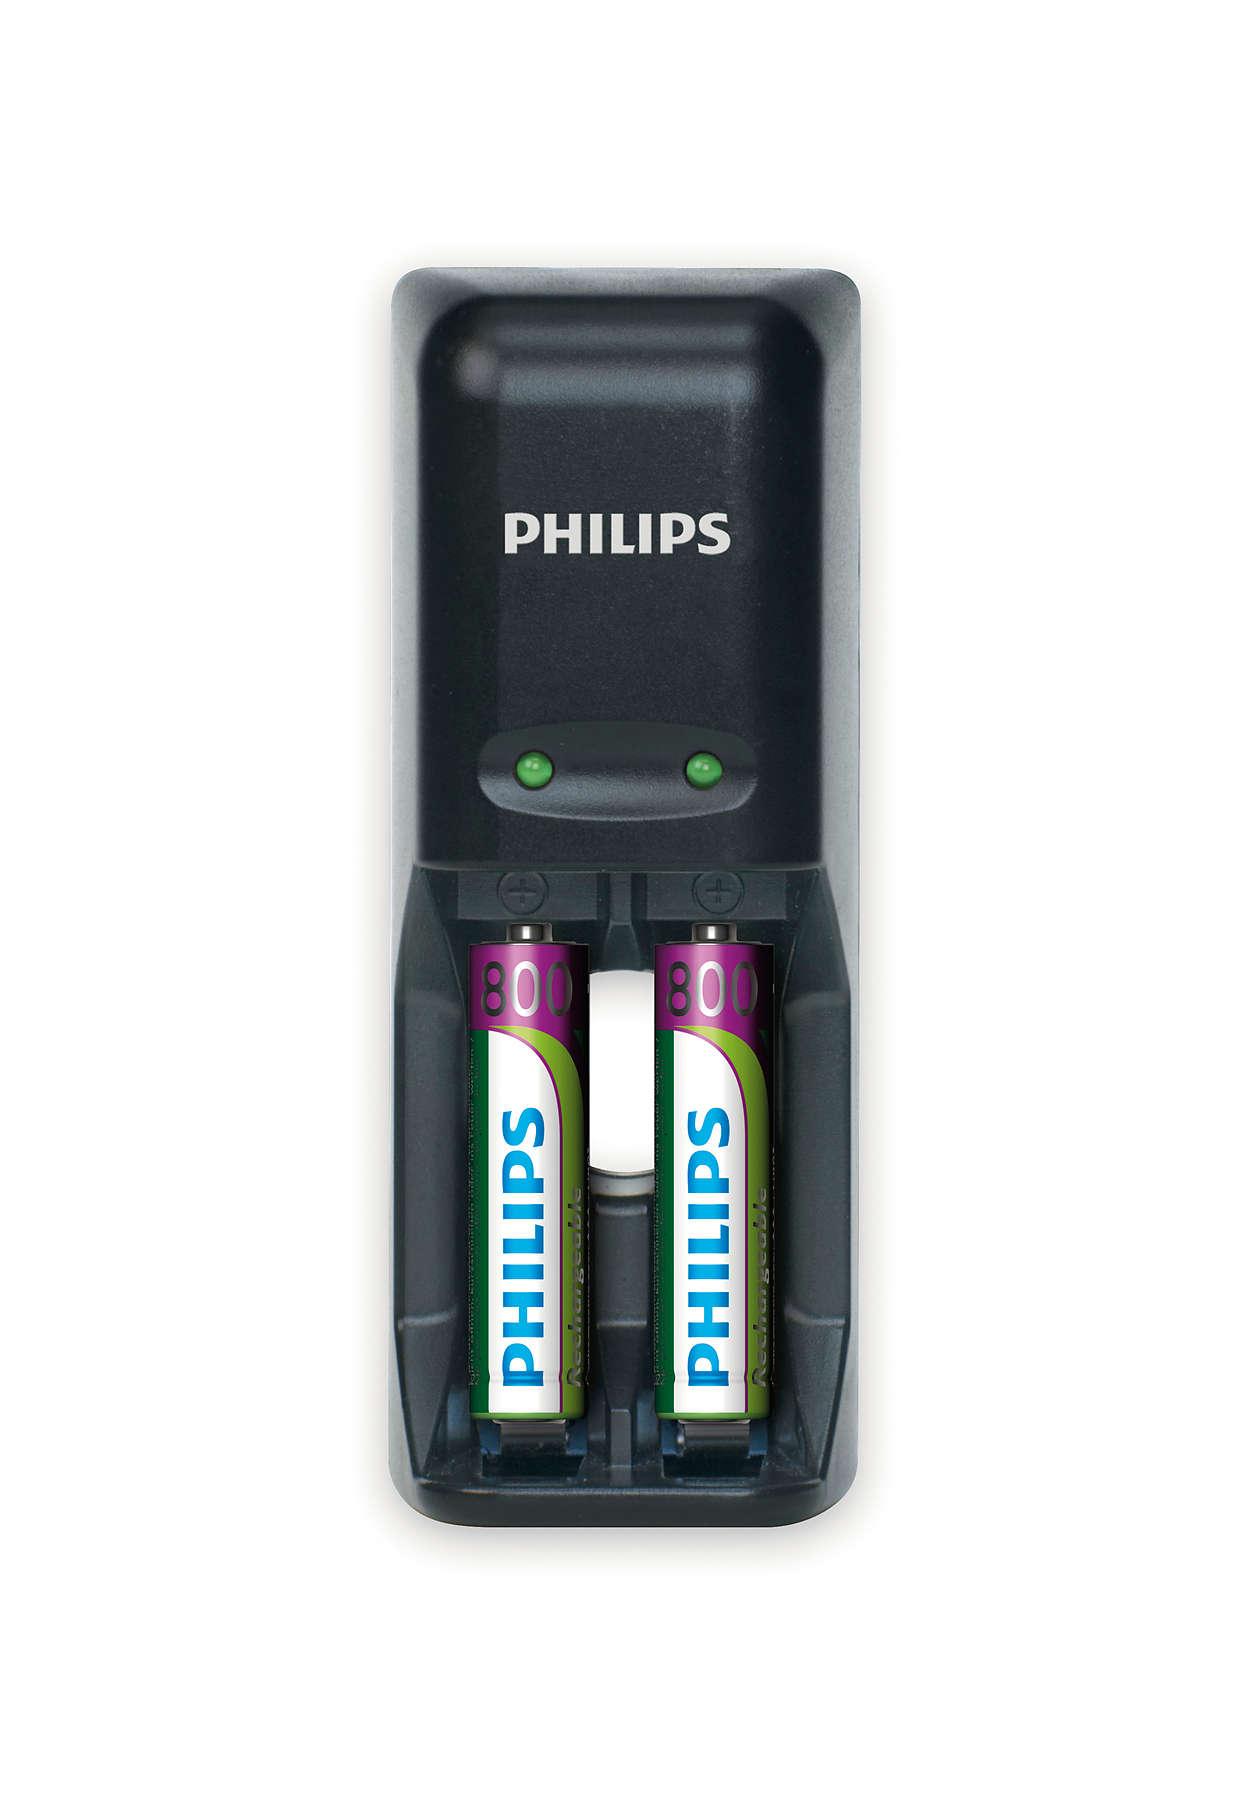 Încărcaţi complet bateriile peste noapte